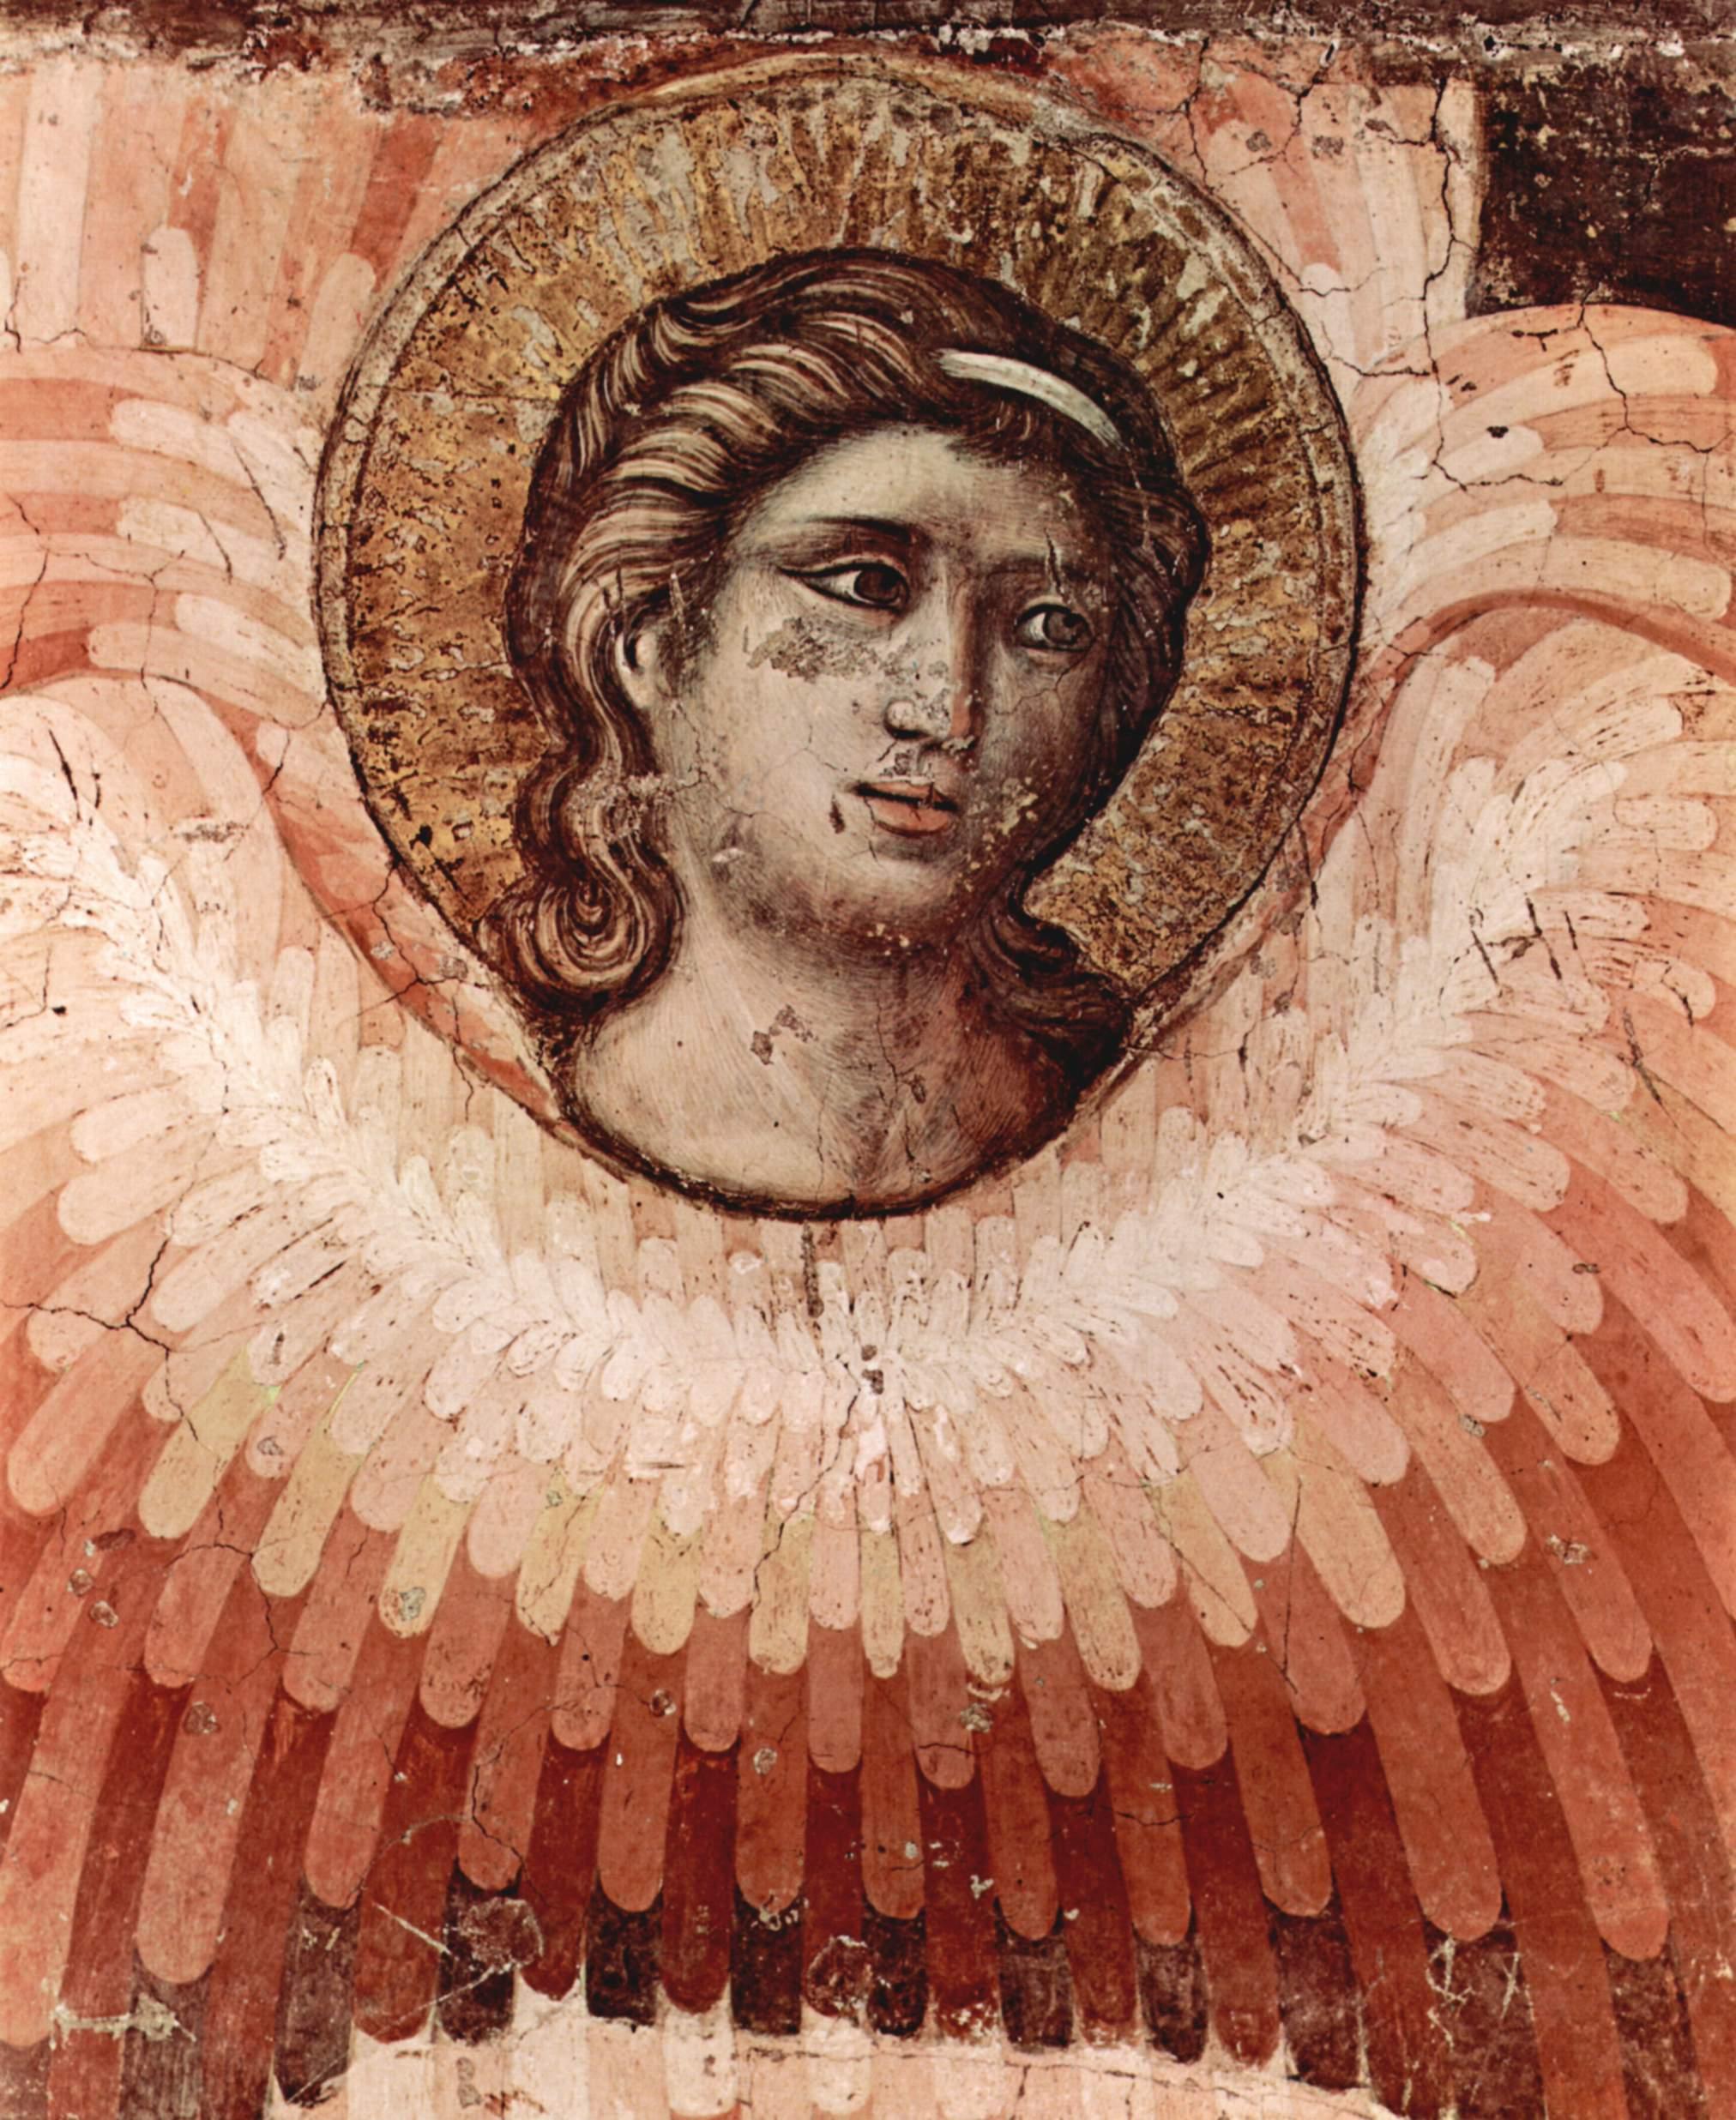 Цикл фресок Страшного суда в Санта Сесилия в Трастевере в Риме, Страшный суд. Деталь  ангел, Пьетро Каваллини